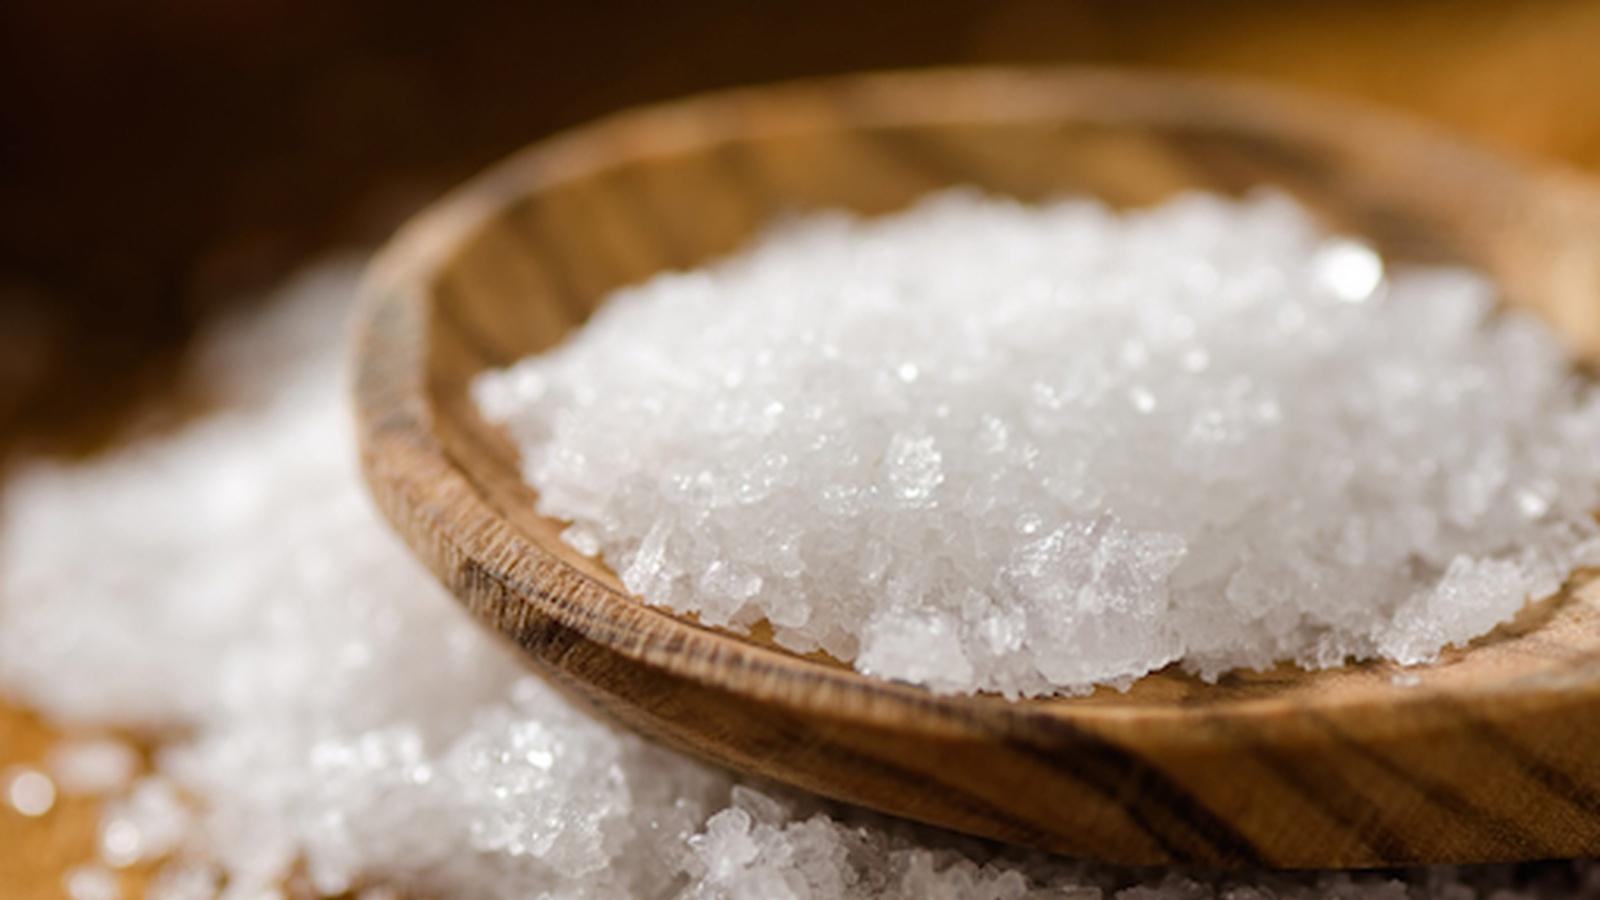 Toxic industrial salt in our menu